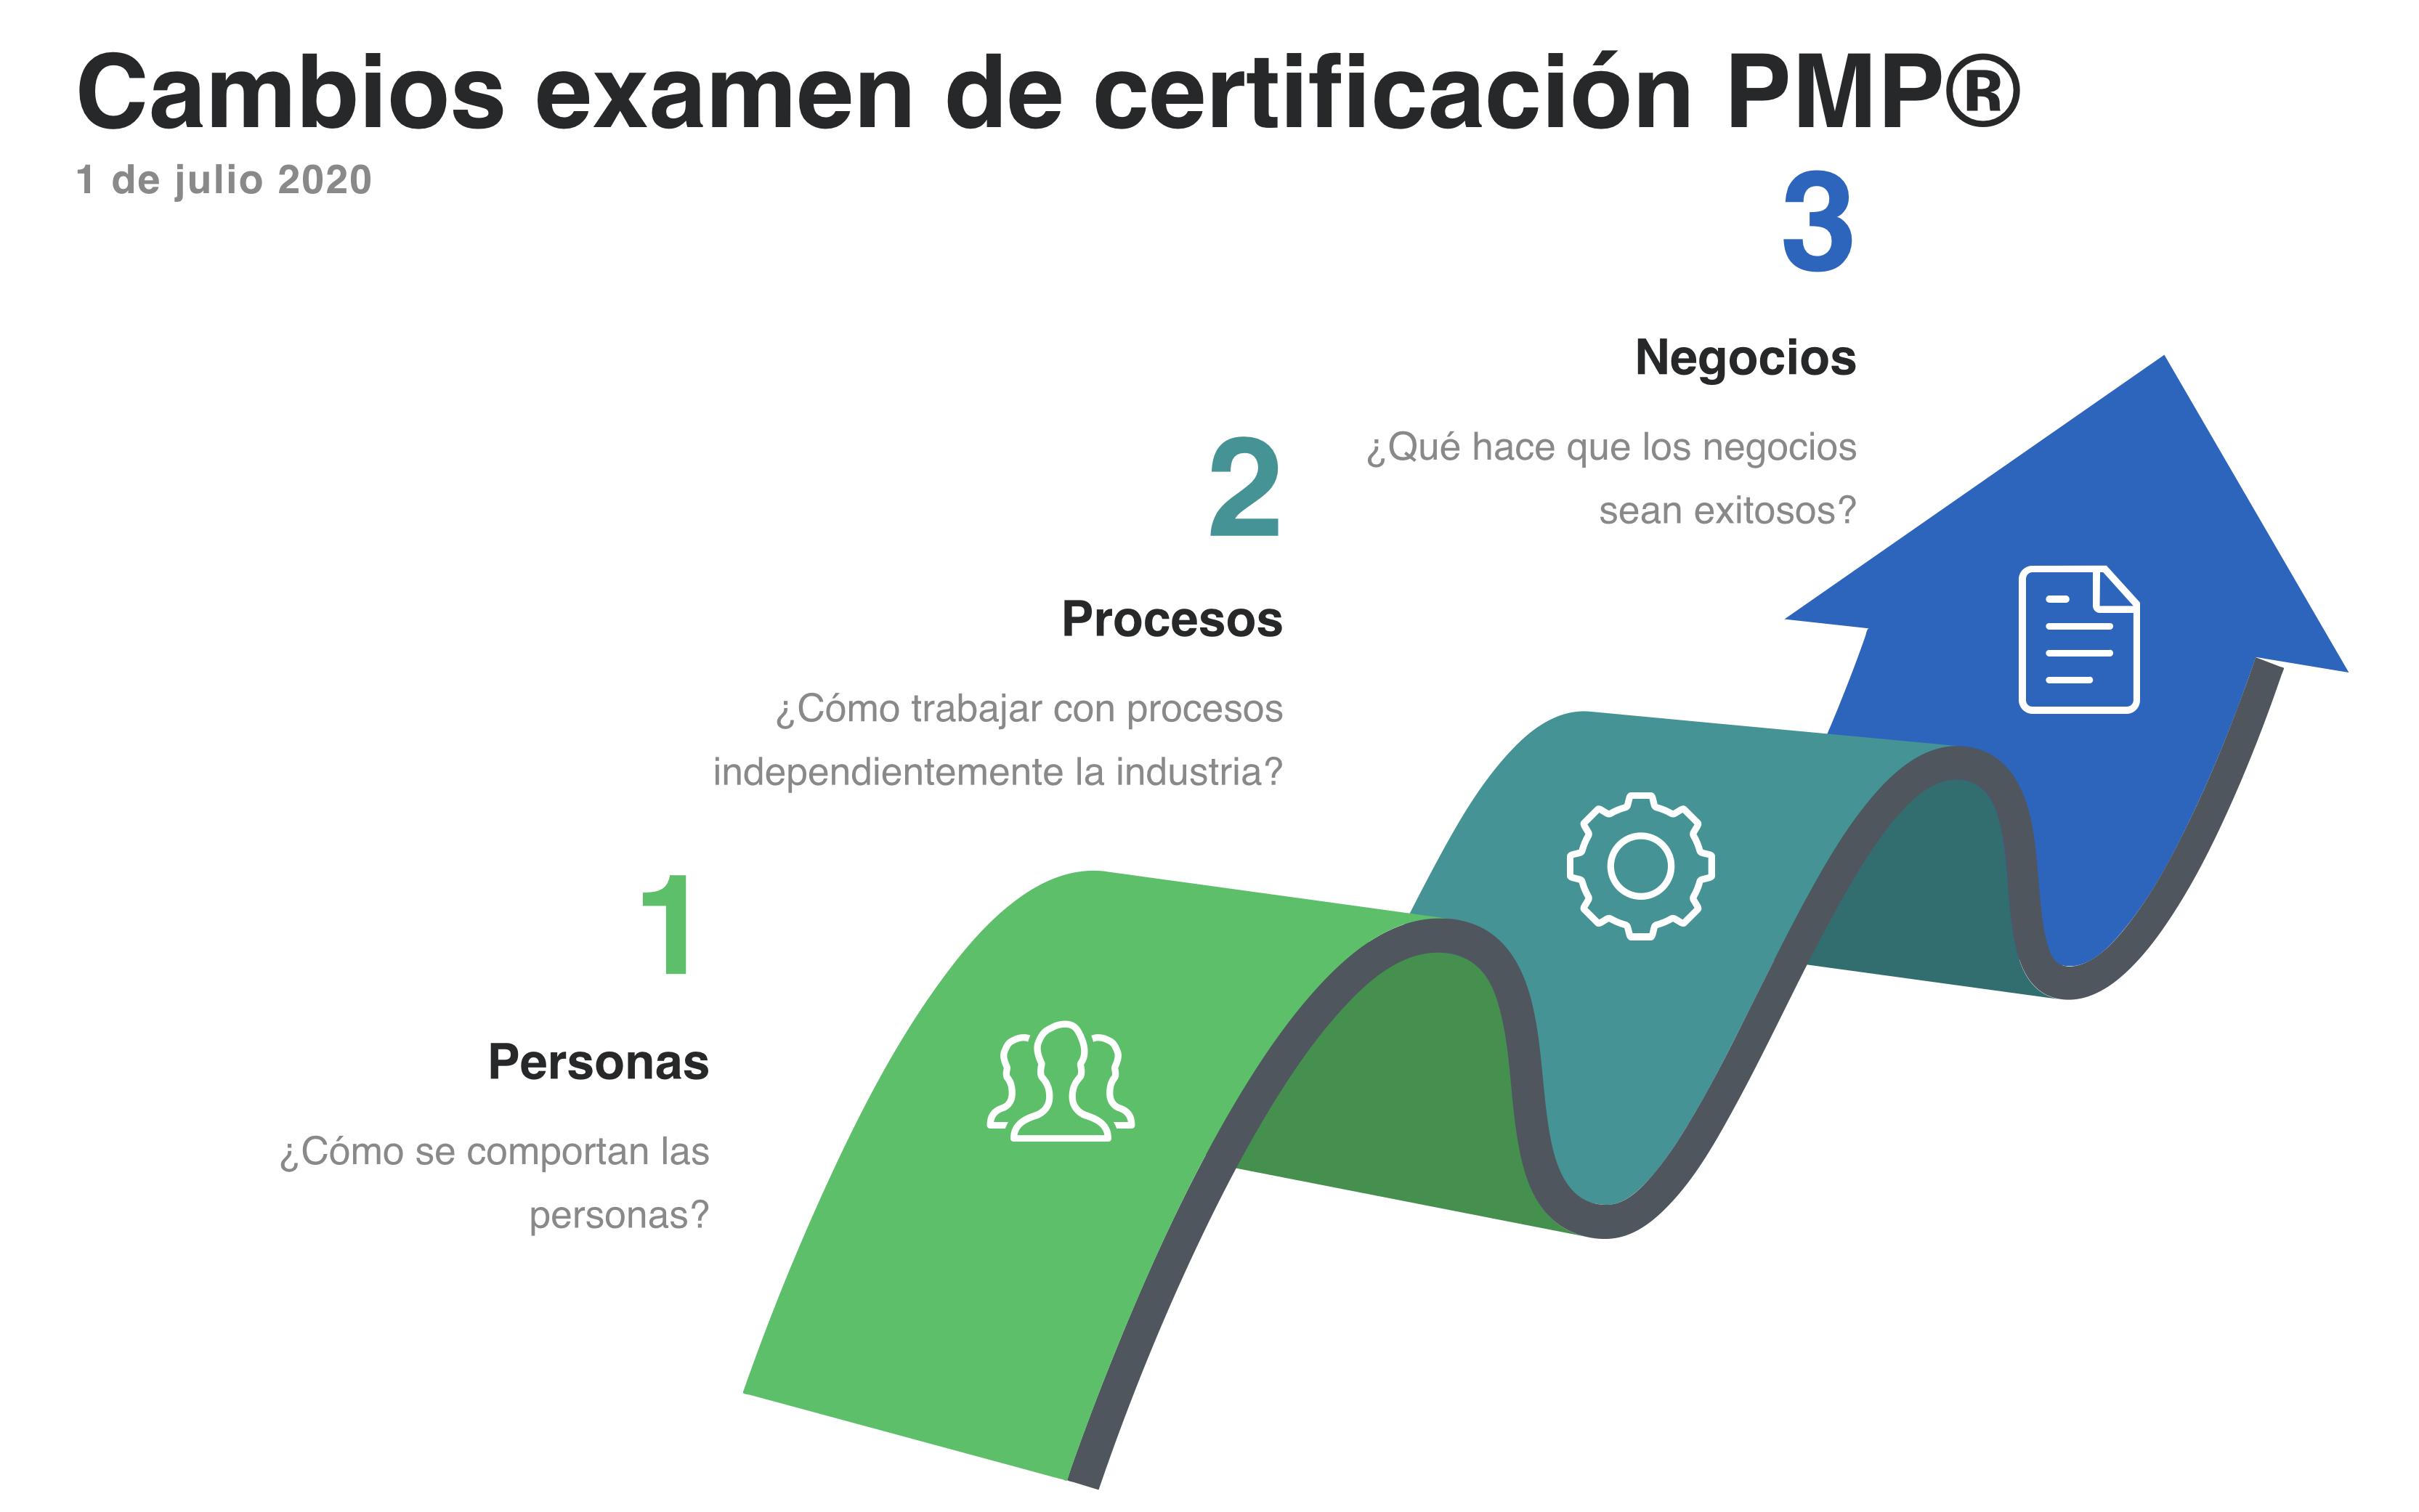 ¿Cómo obtener la certificación PMP antes de fin de año?